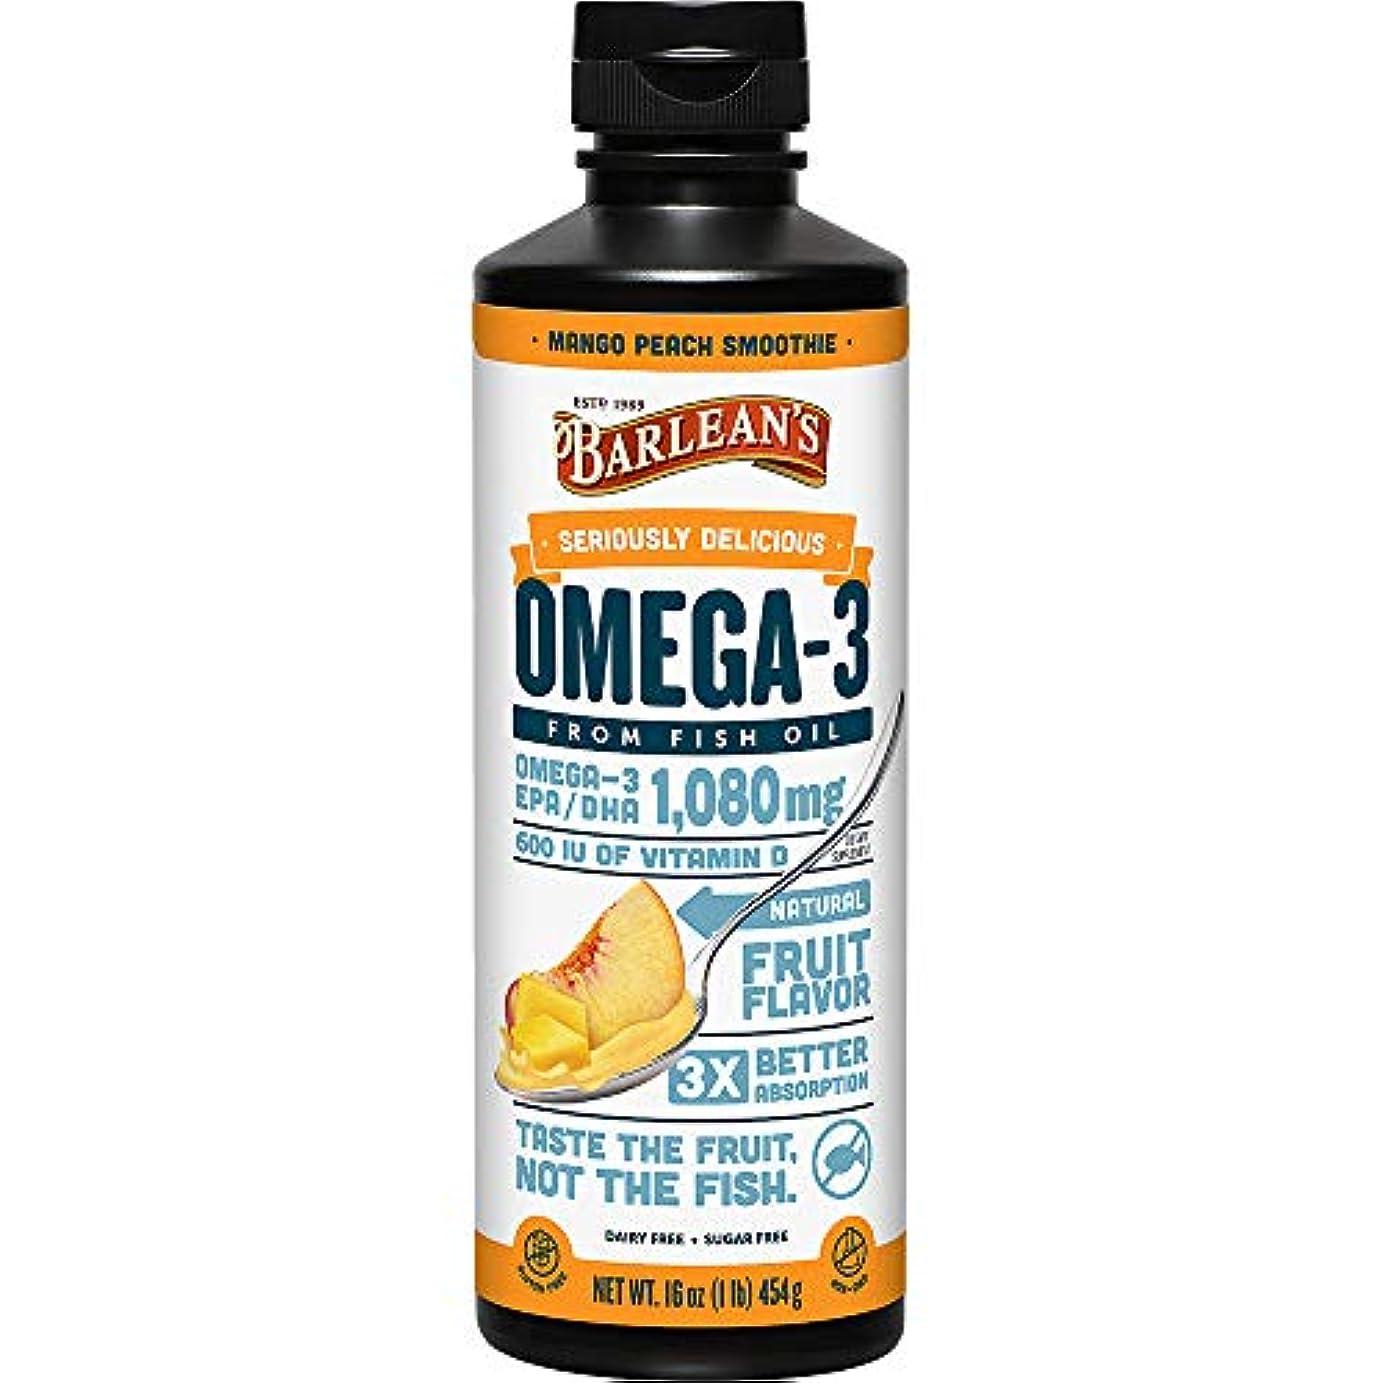 うまれた予想する正当化するBarlean's - Omegaの渦巻Omega-の3 魚オイルのマンゴのモモ - 16ポンド